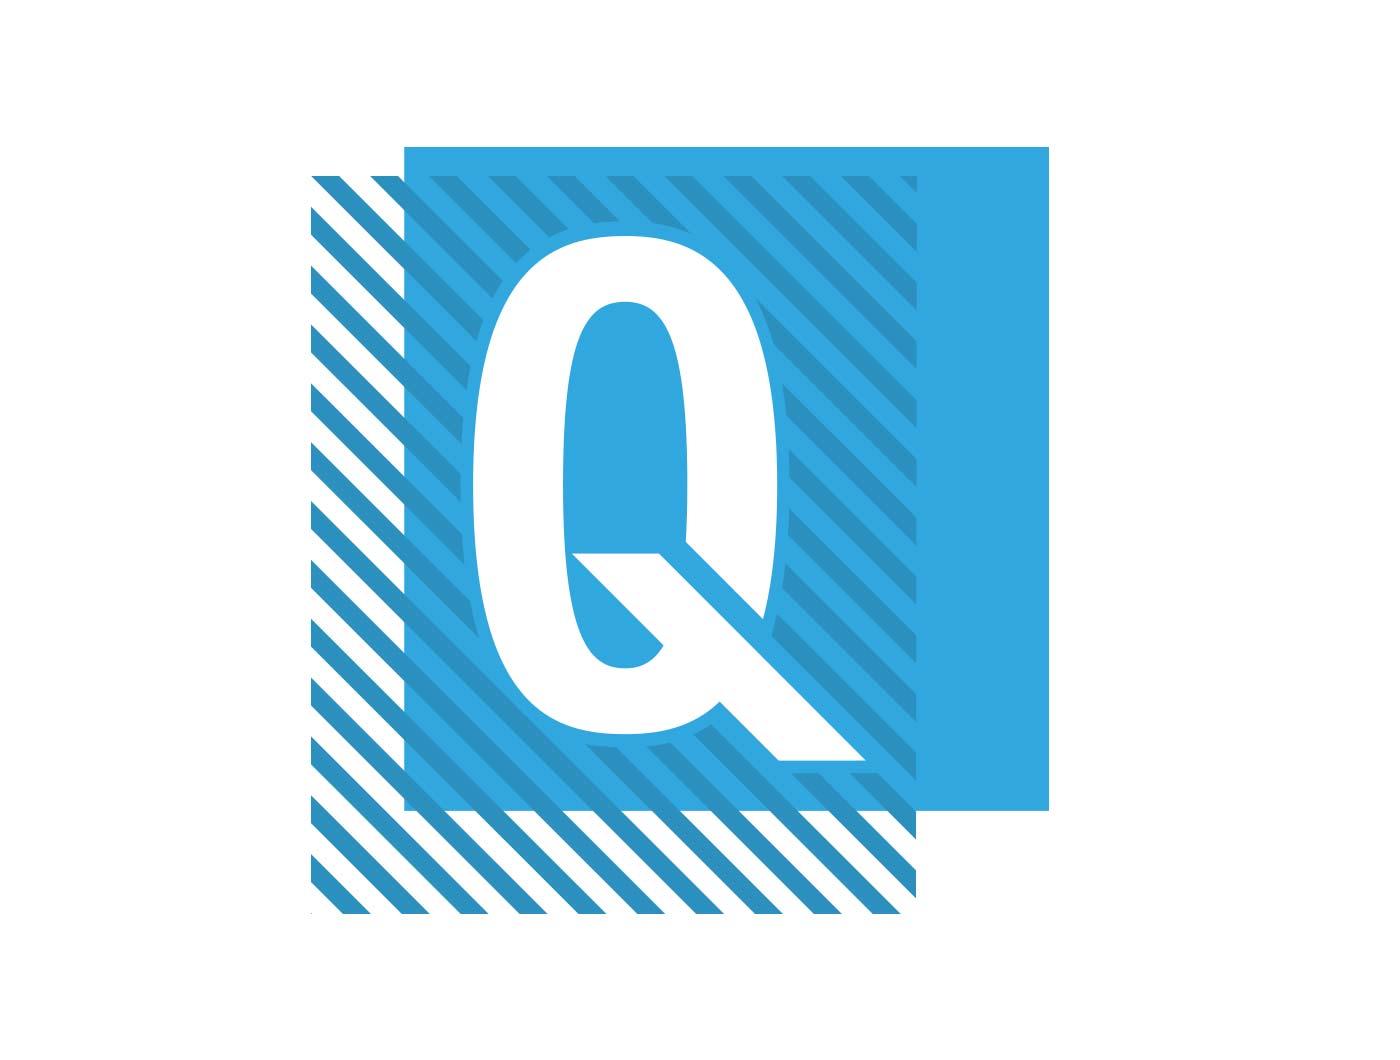 Raum zum Querdenken, Universität Bielefeld, Logo